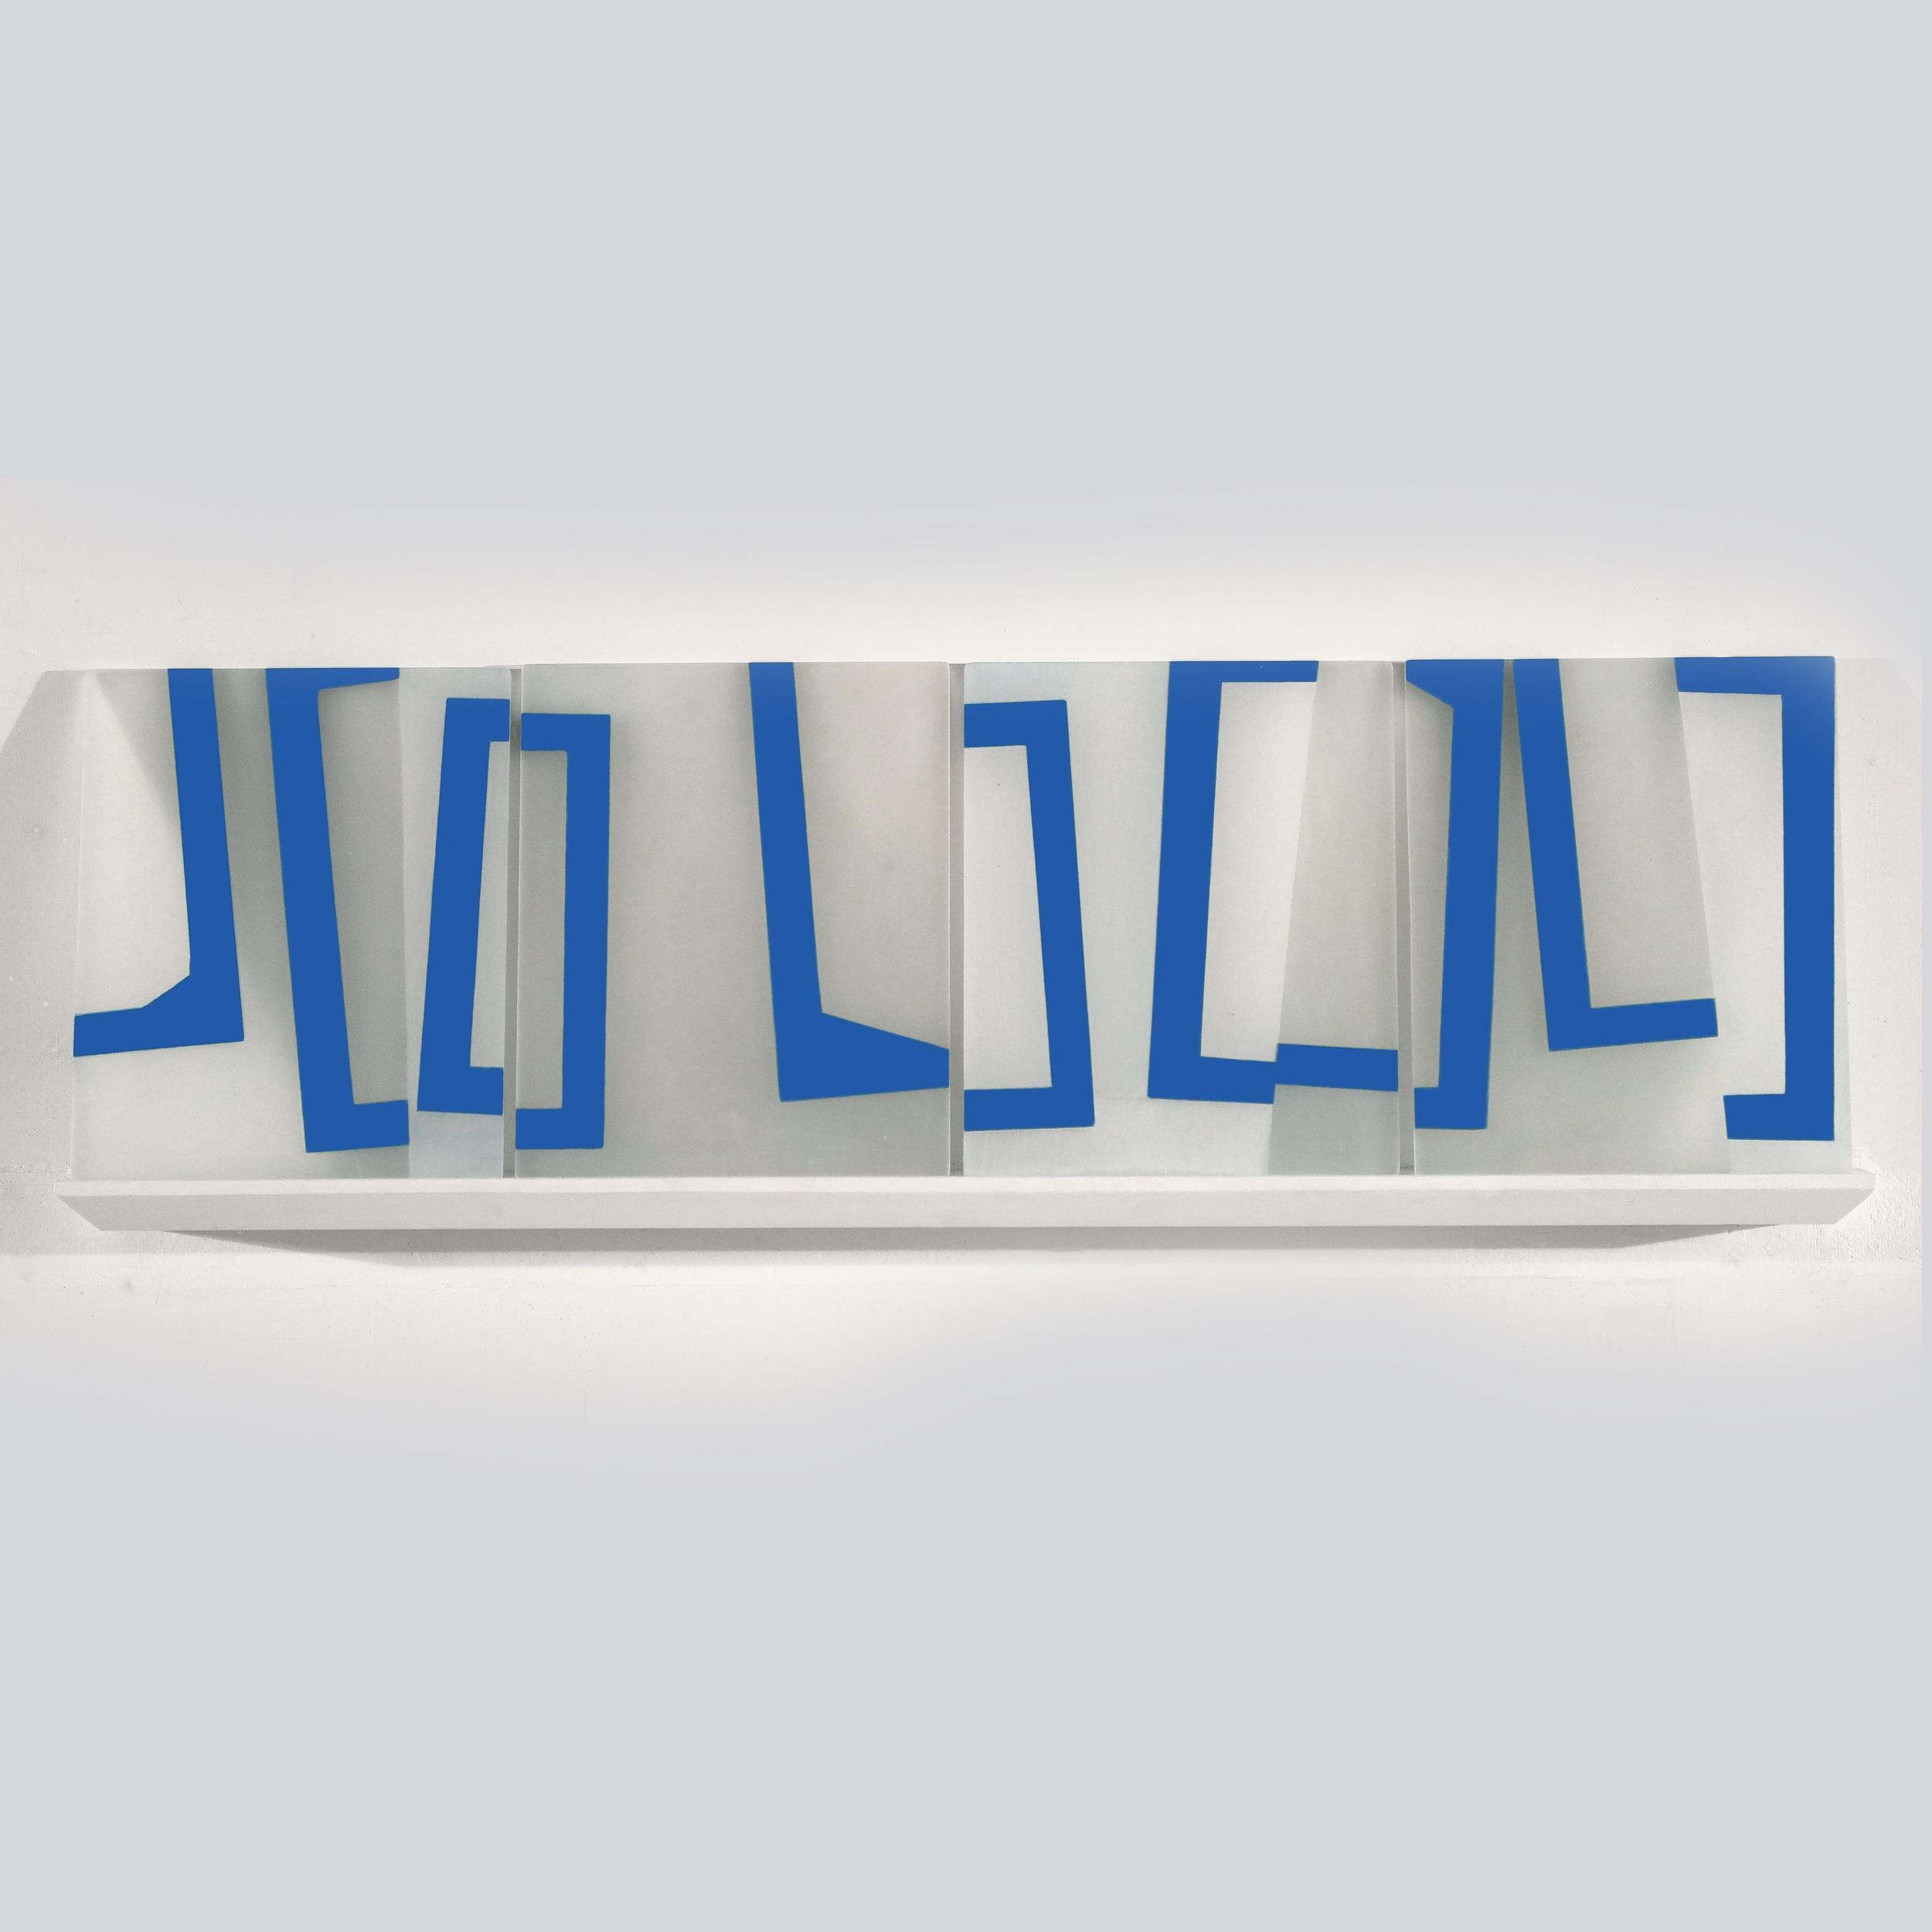 Mobility of Frames K1     2018     acrylic on plexiglass, shelf     13 x 37.5 inches